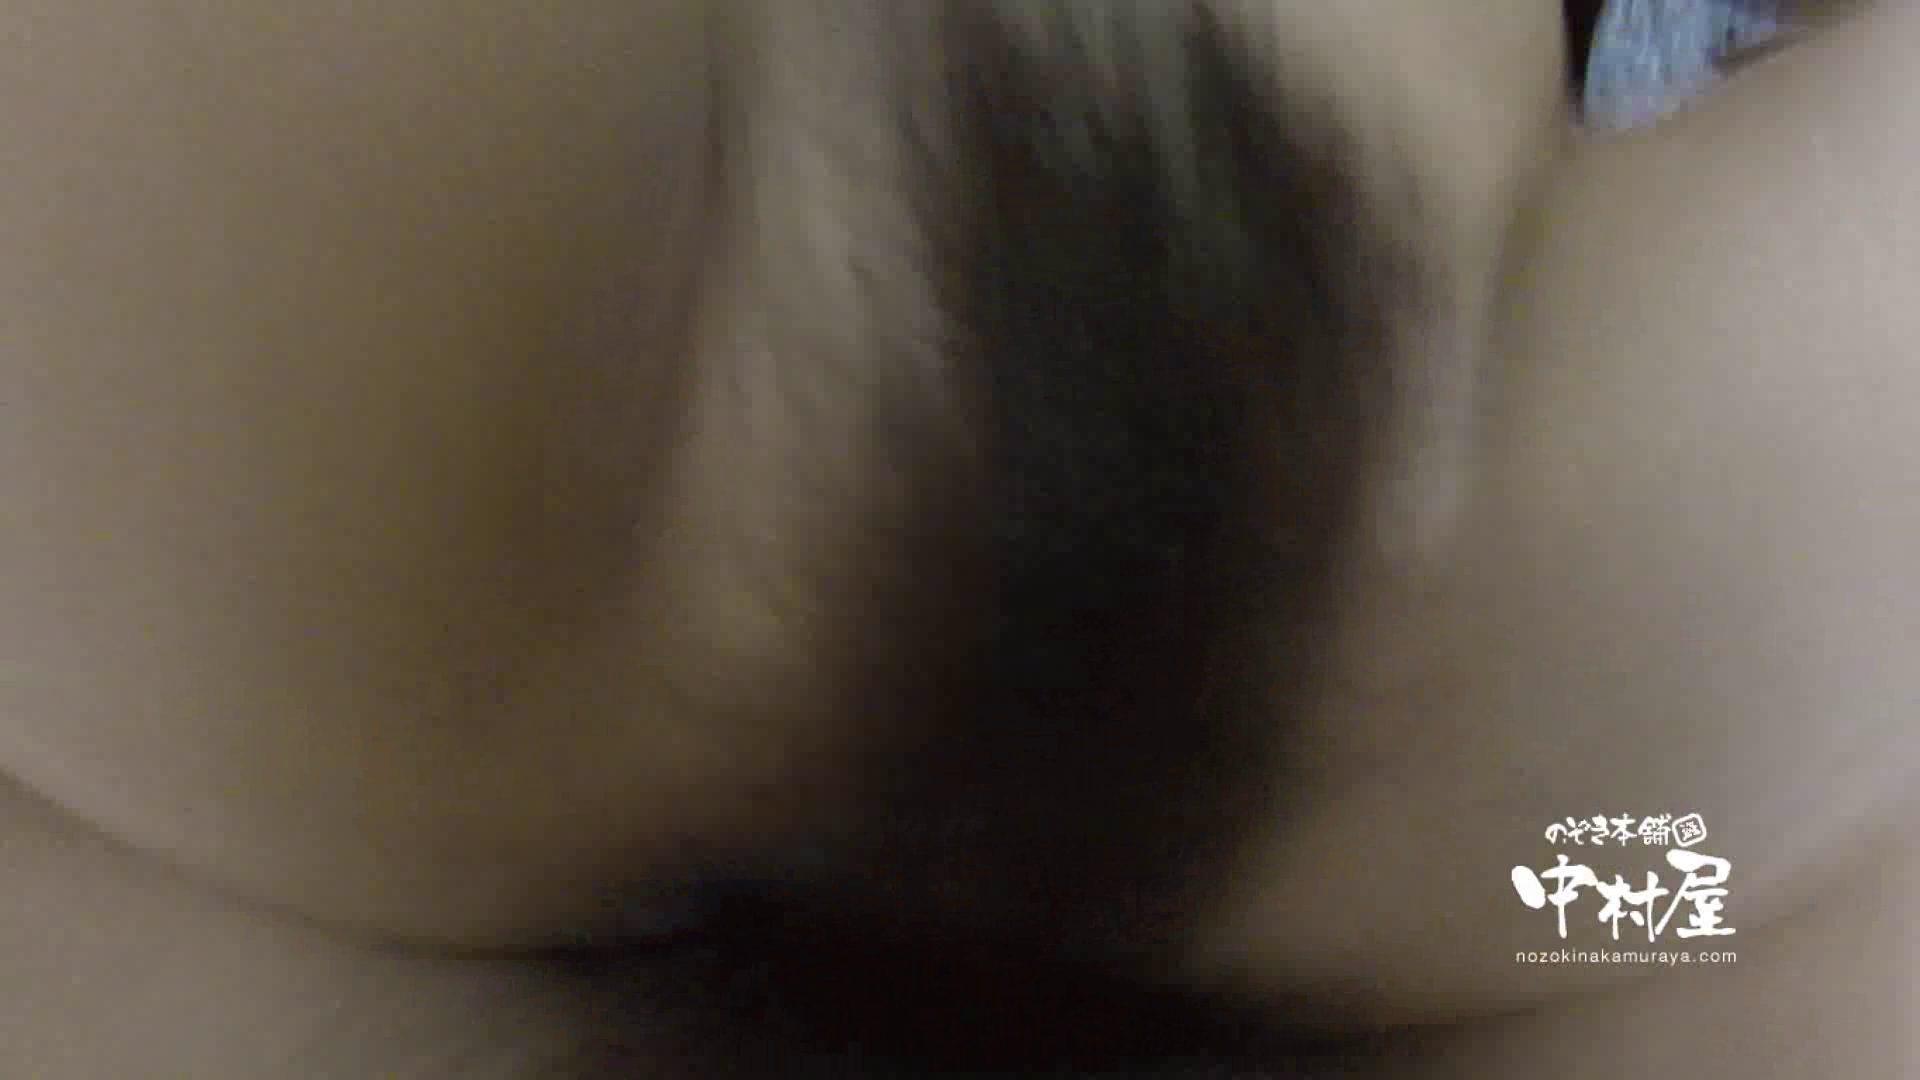 鬼畜 vol.15 ハスキーボイスで感じてんじゃねーよ! 後編 鬼畜 | 0  106画像 61